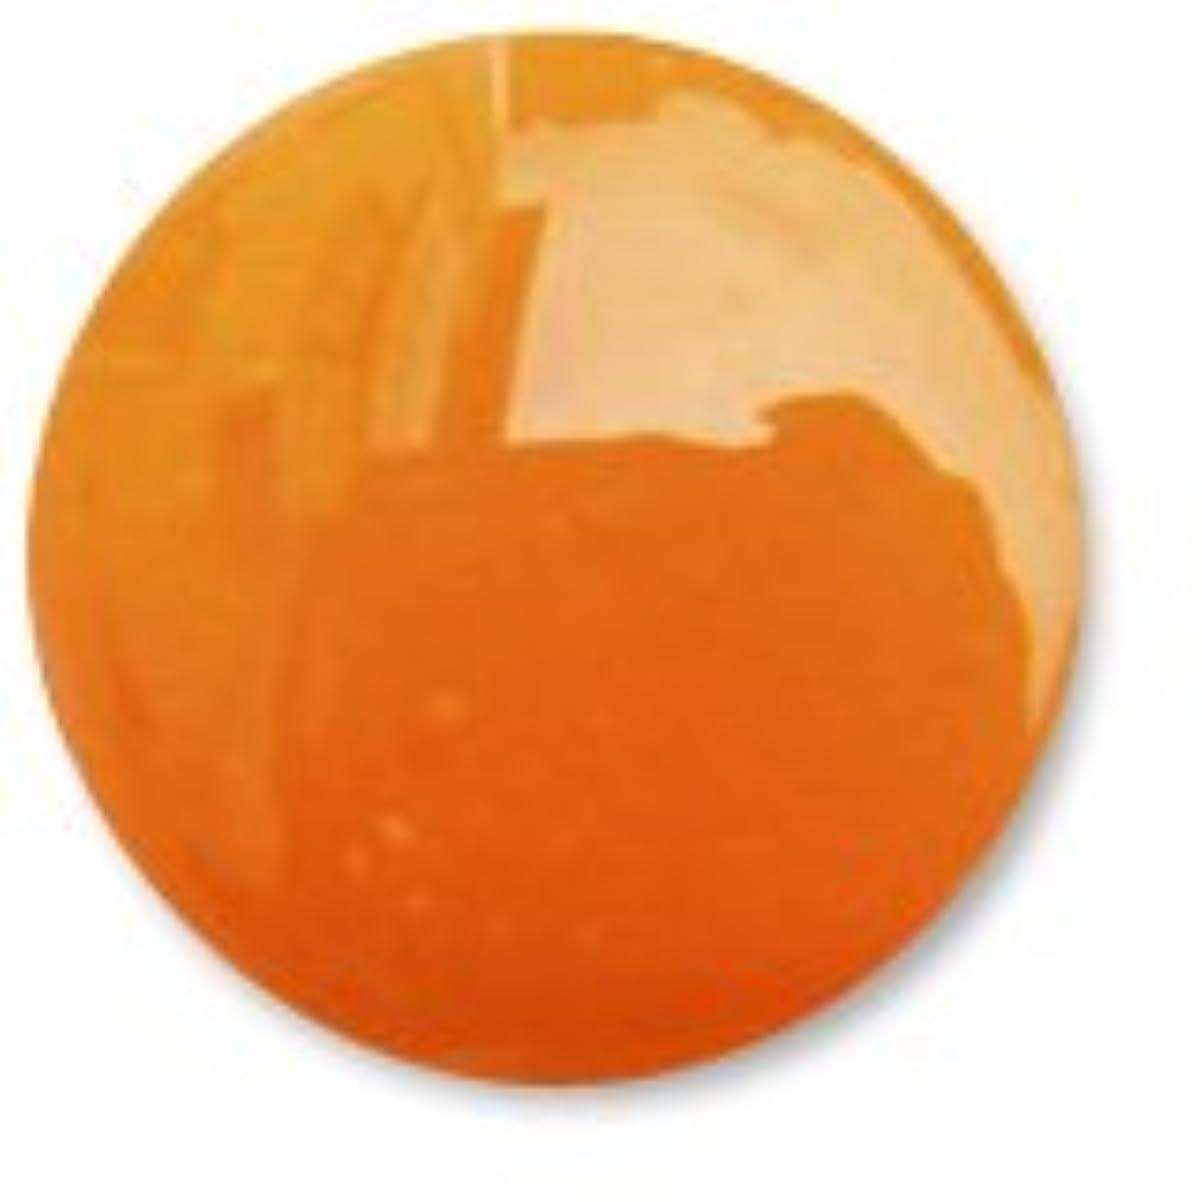 容量見積りブラインド【ジェルネイル】Naility! ソークオフカラージェル マットオレンジ 3.5g